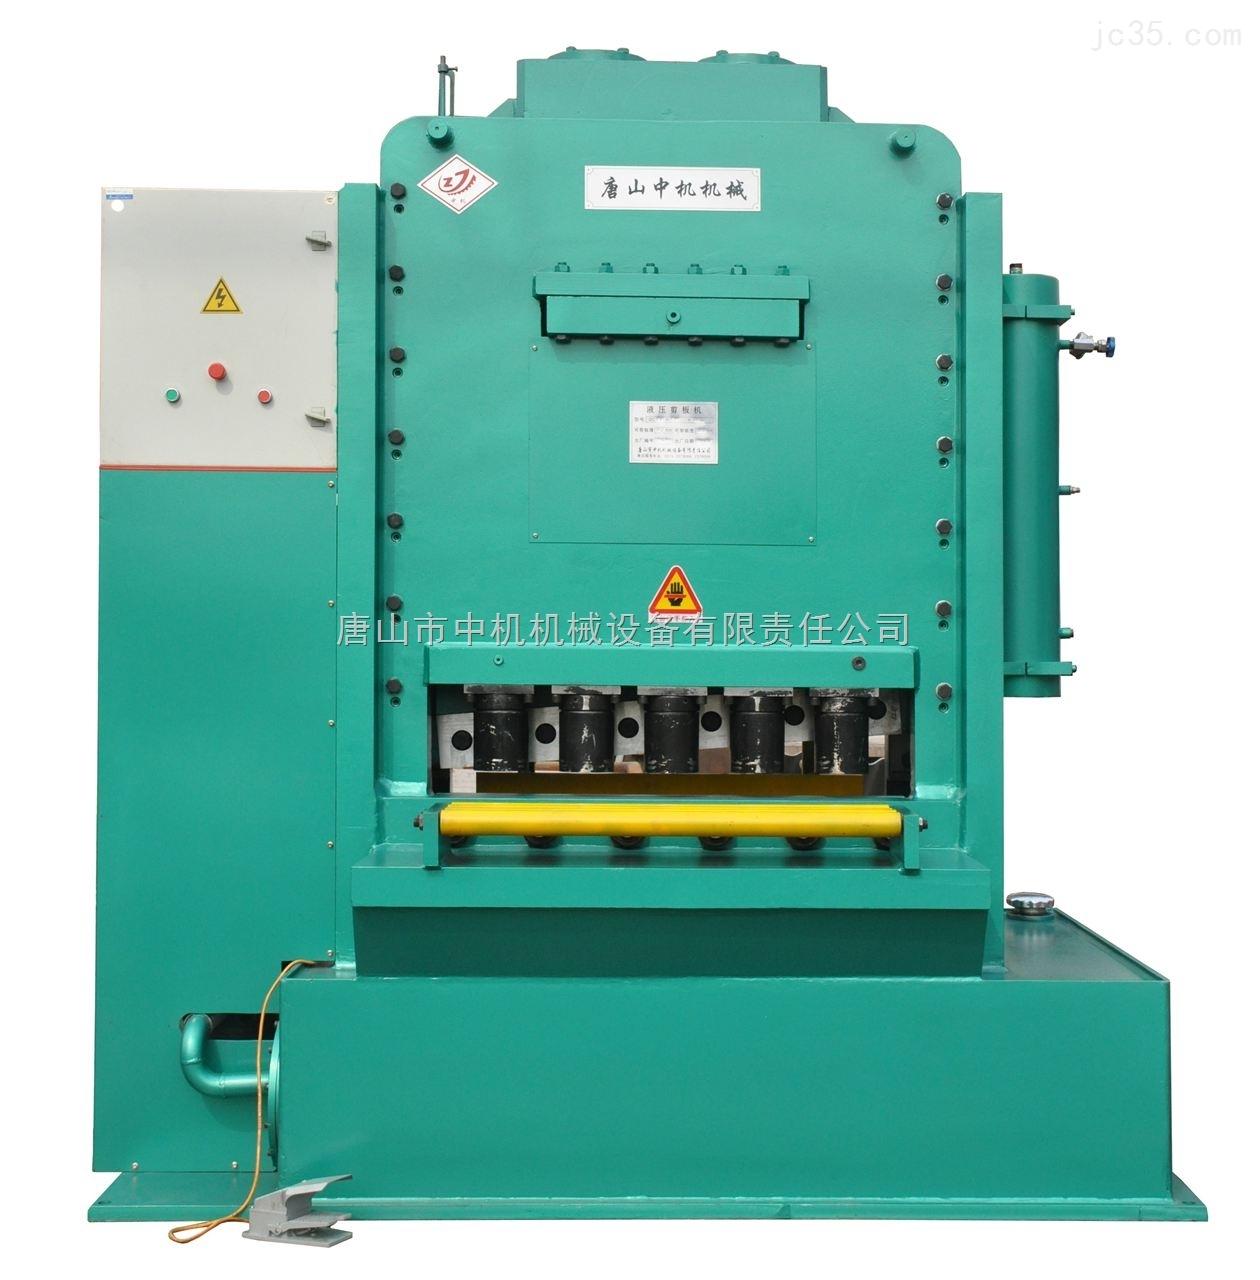 厂家特供 镍板铌板钛板专用剪板机 有色金属行业专用剪板机 剪板机终身售后服务